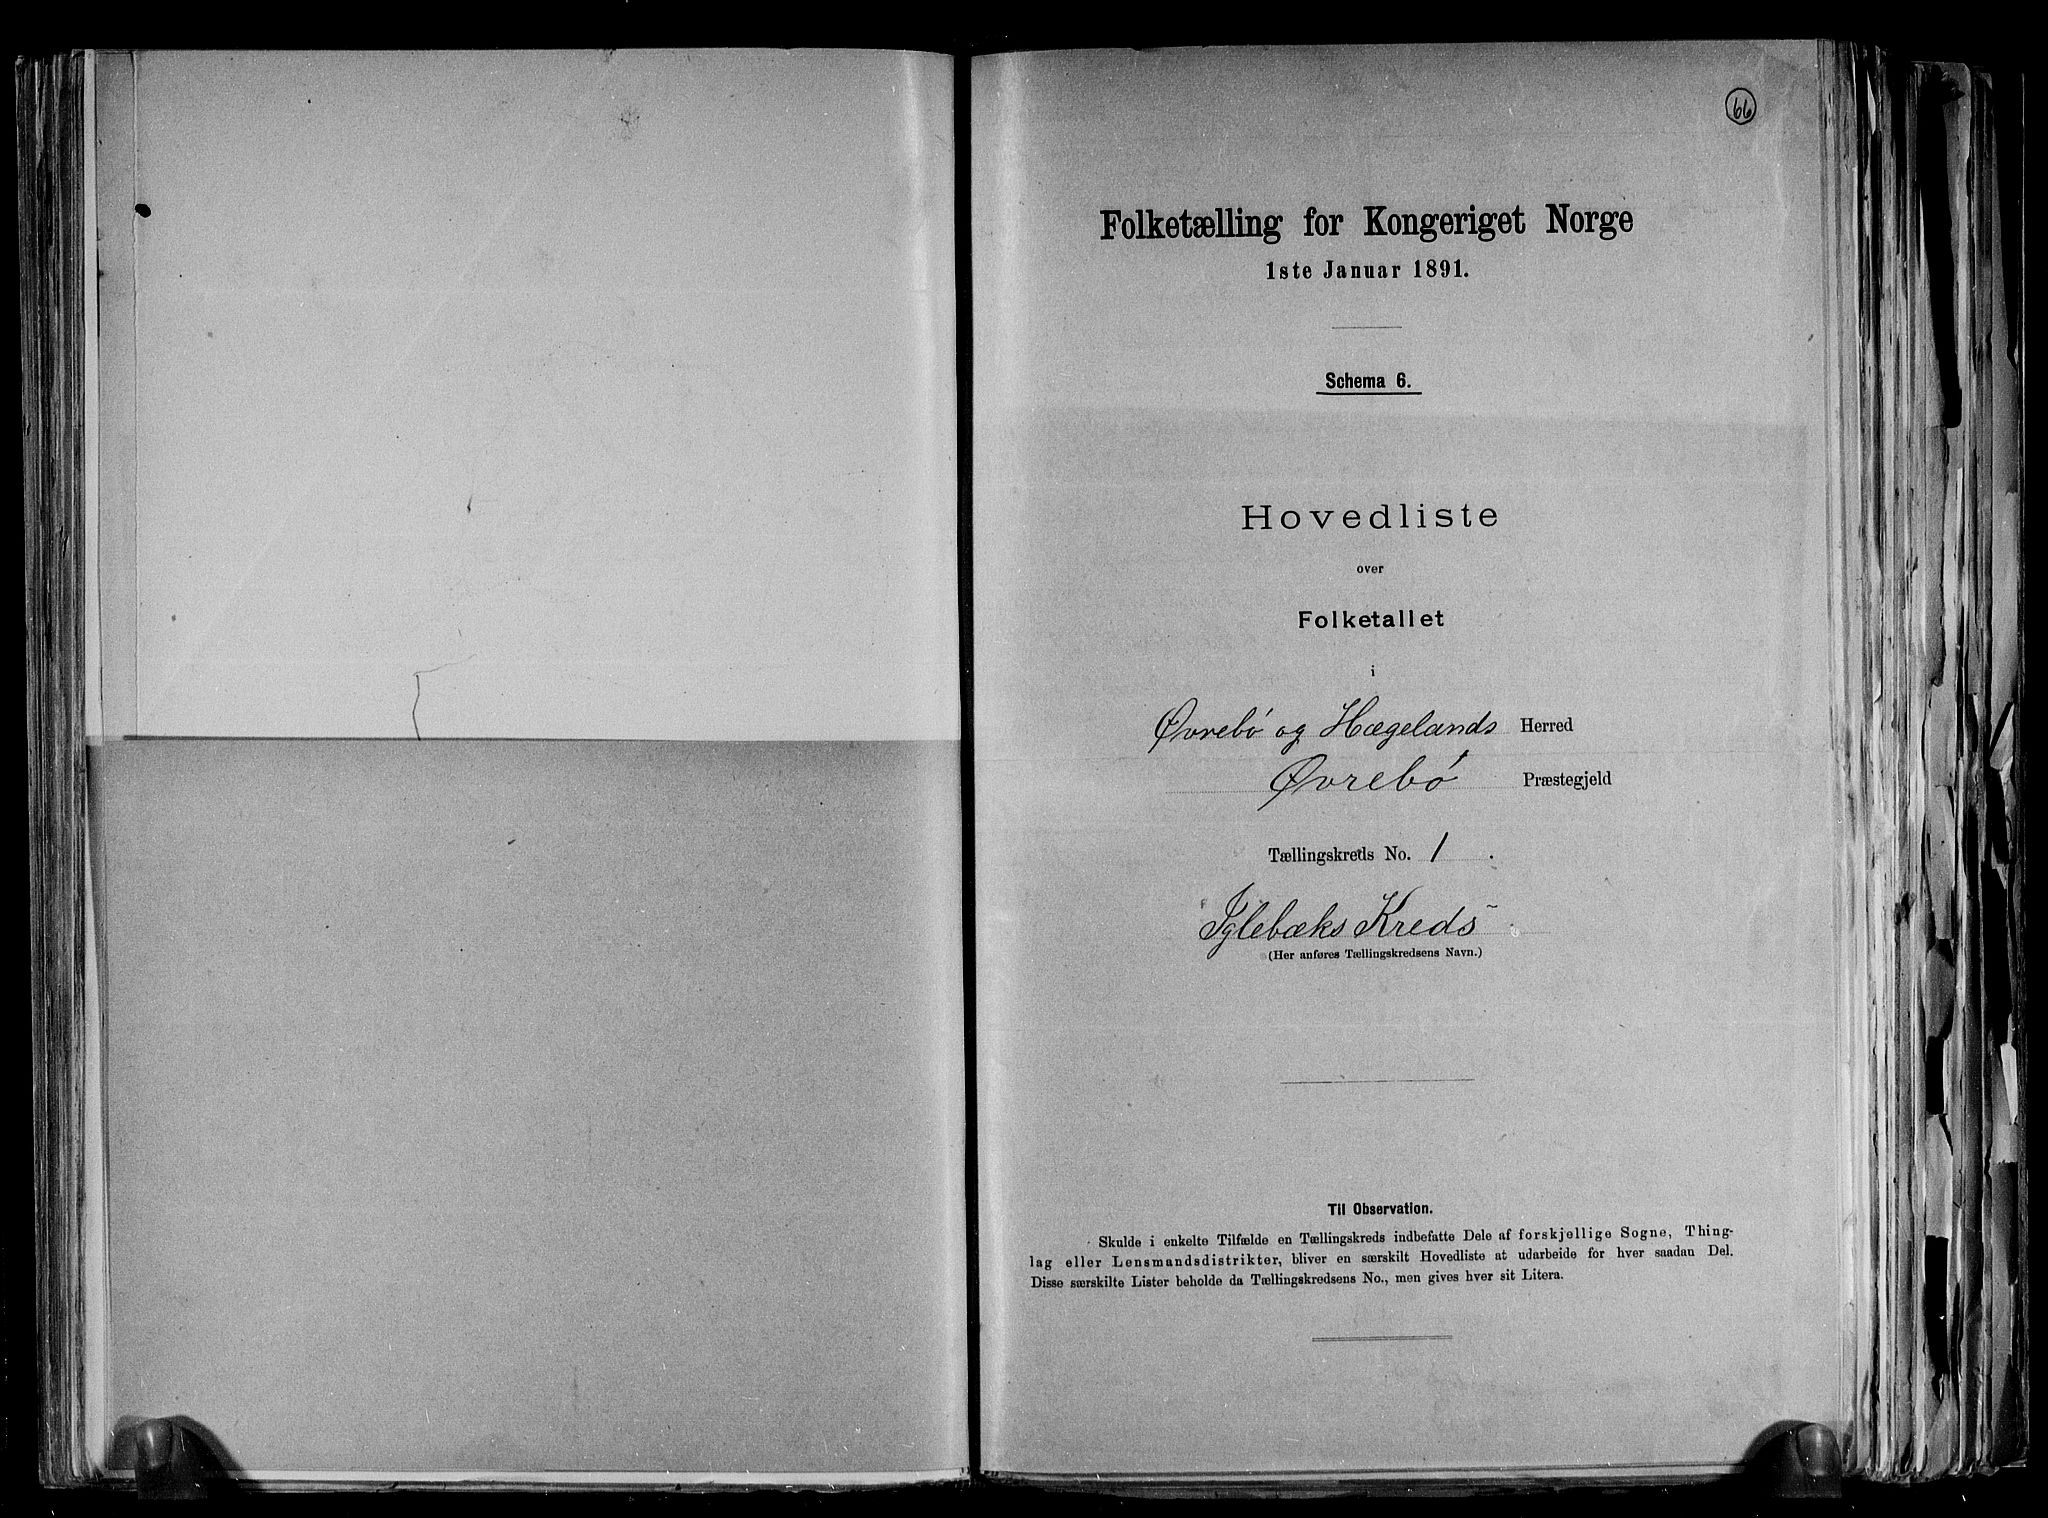 RA, Folketelling 1891 for 1016 Øvrebø og Hægeland herred, 1891, s. 6